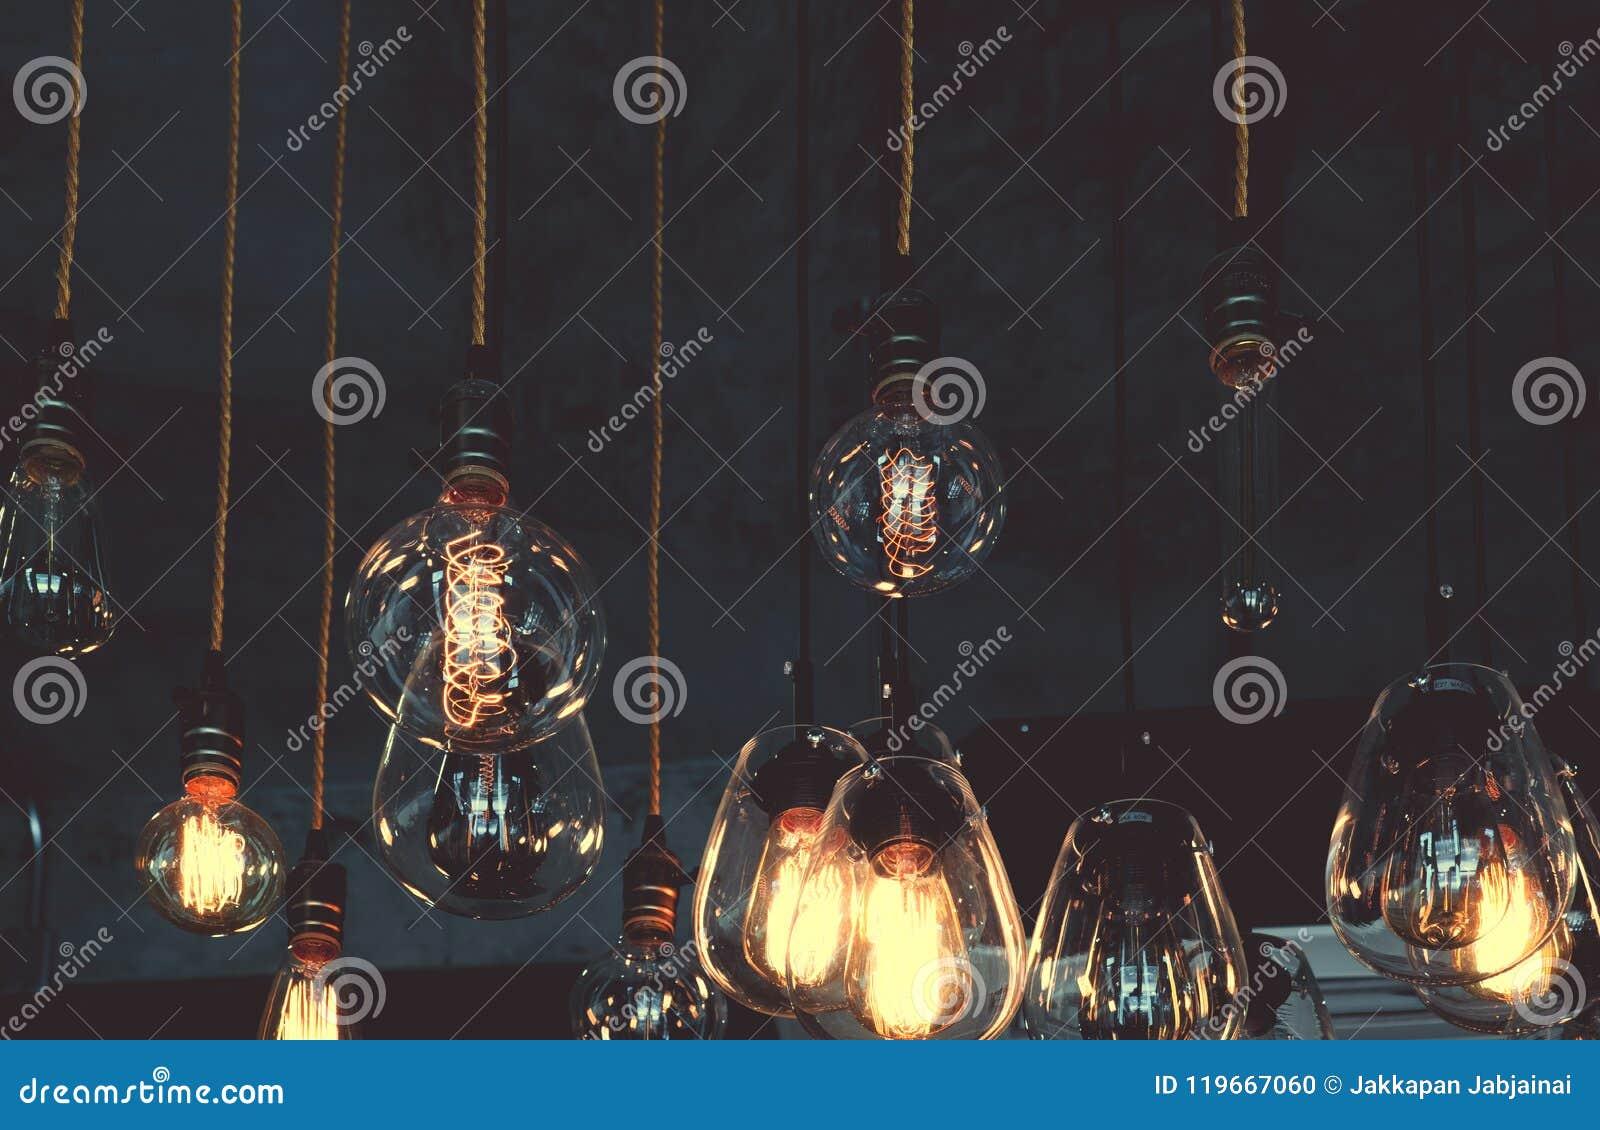 Decoración de lujo de la ejecución de la bombilla del vintage que brilla intensamente en oscuridad